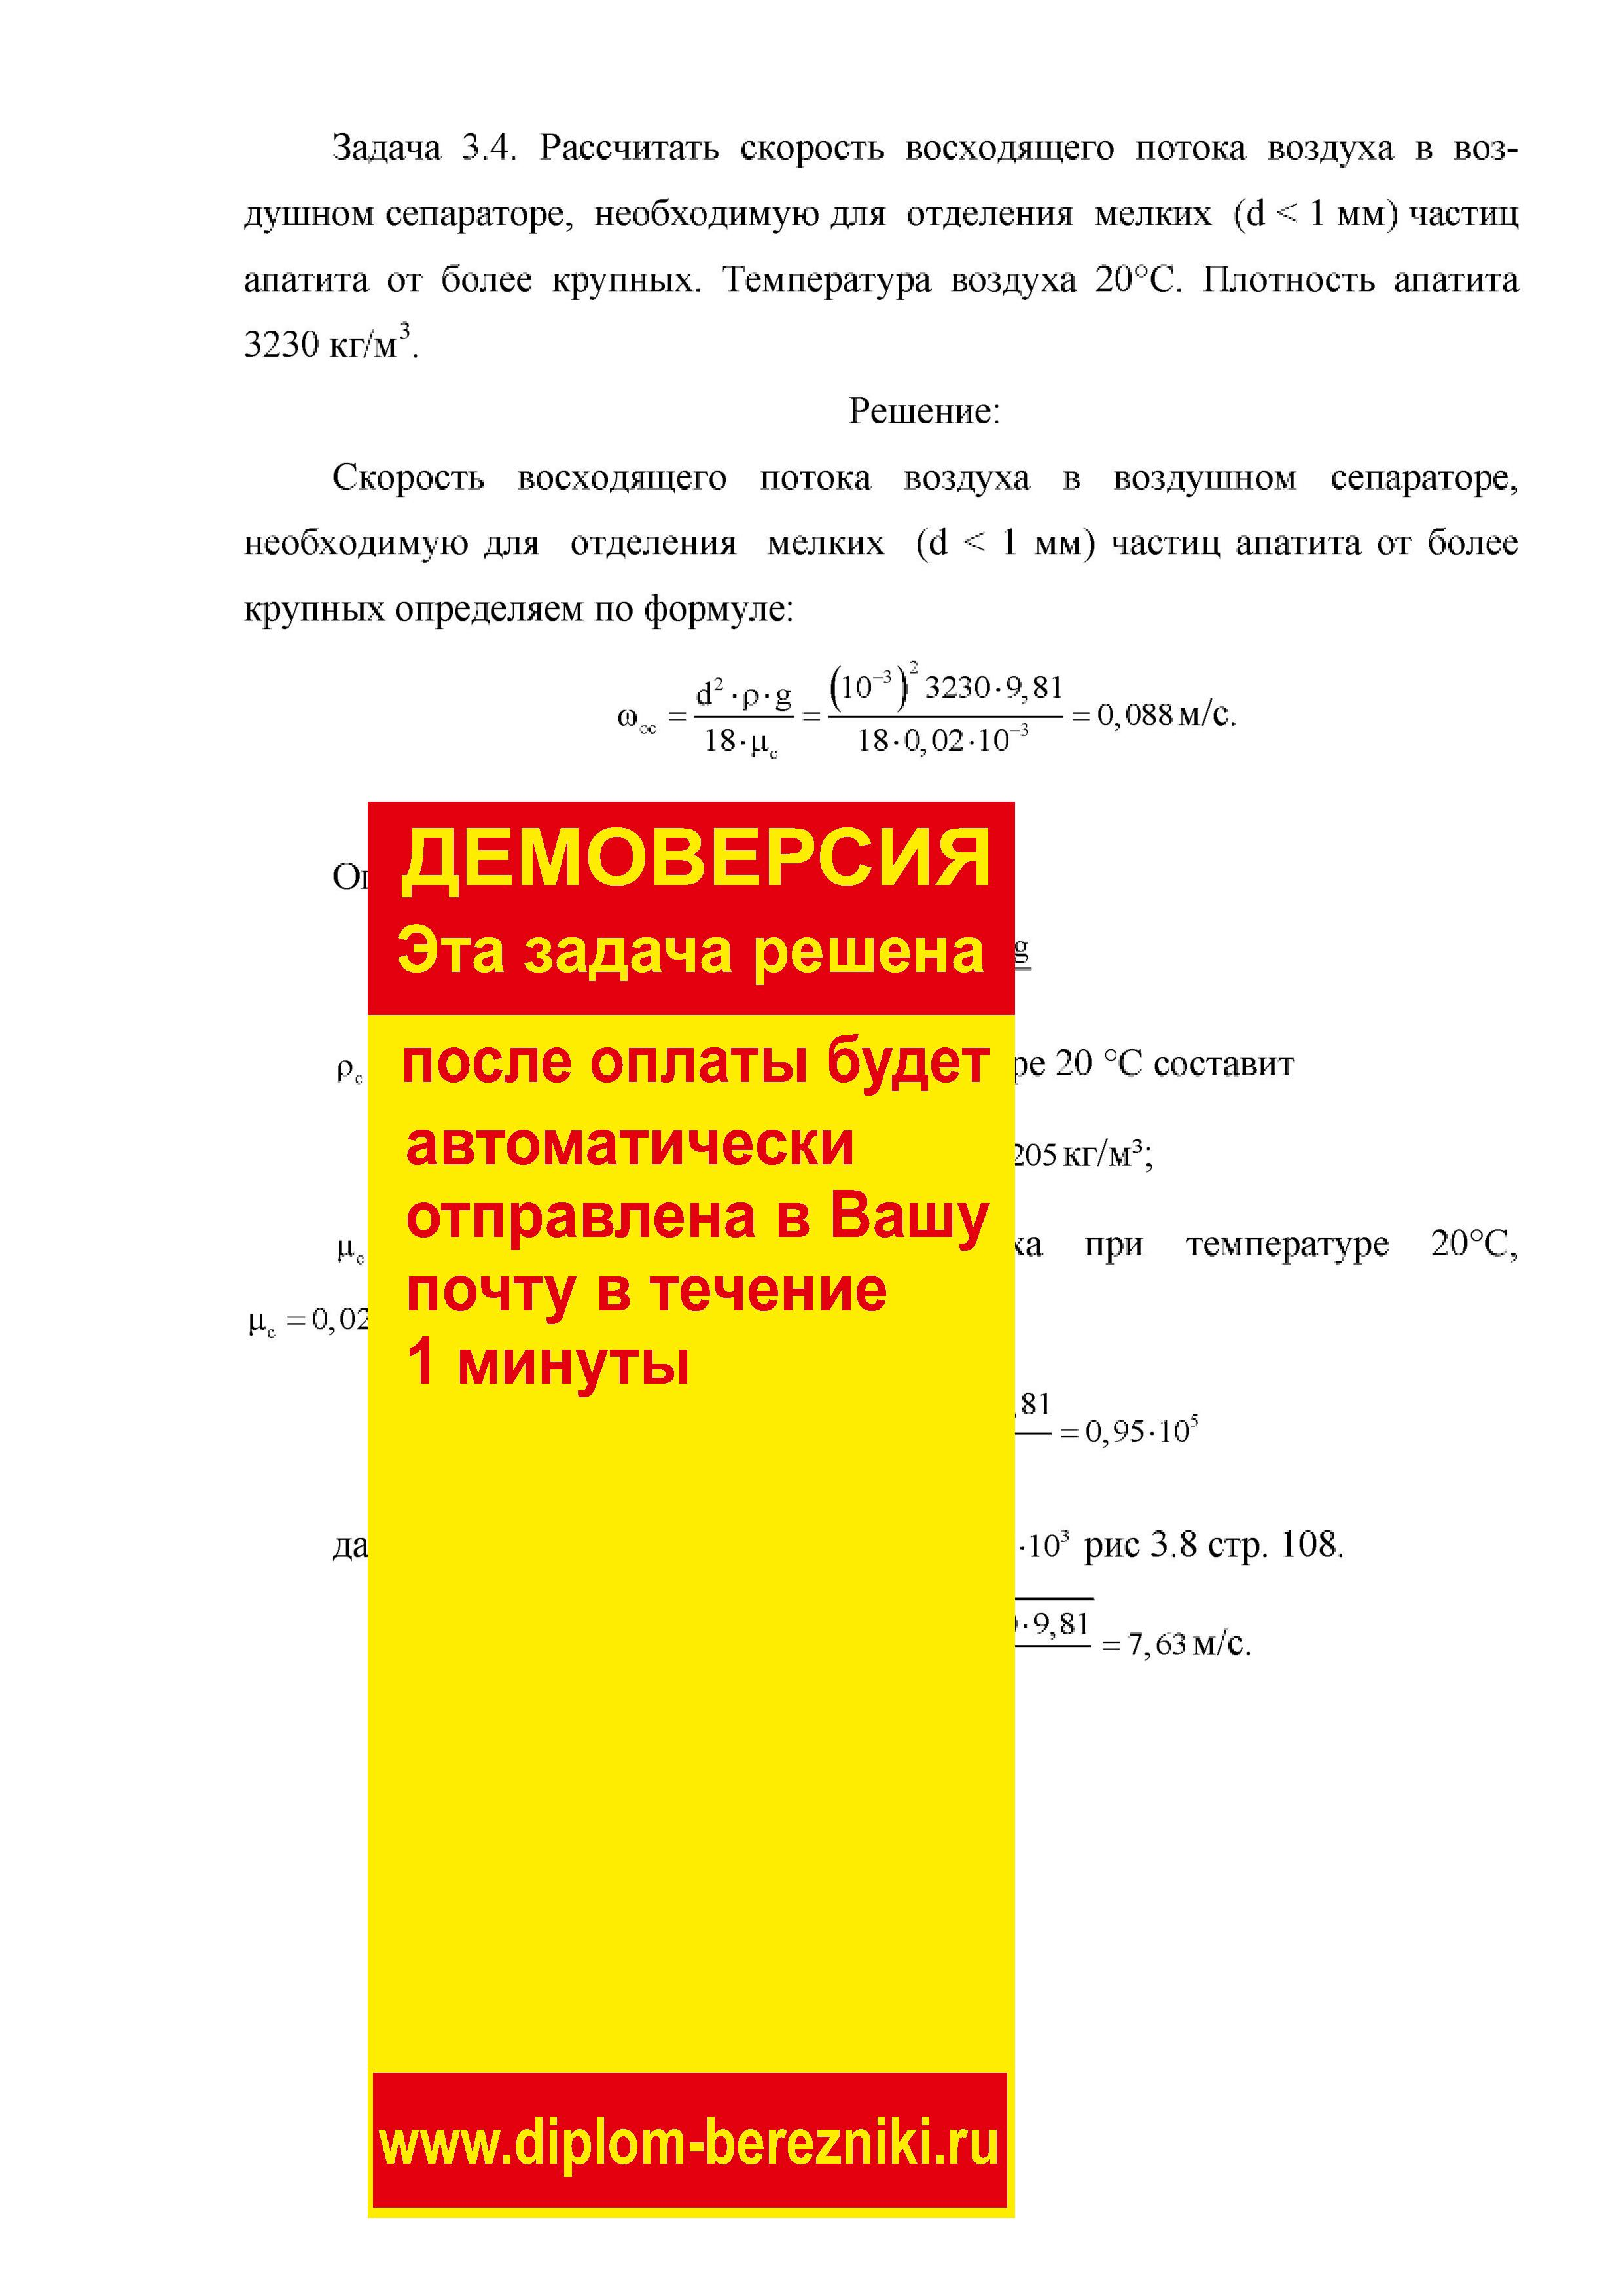 Решение задачи 3.4 по ПАХТ из задачника Павлова Романкова Носкова